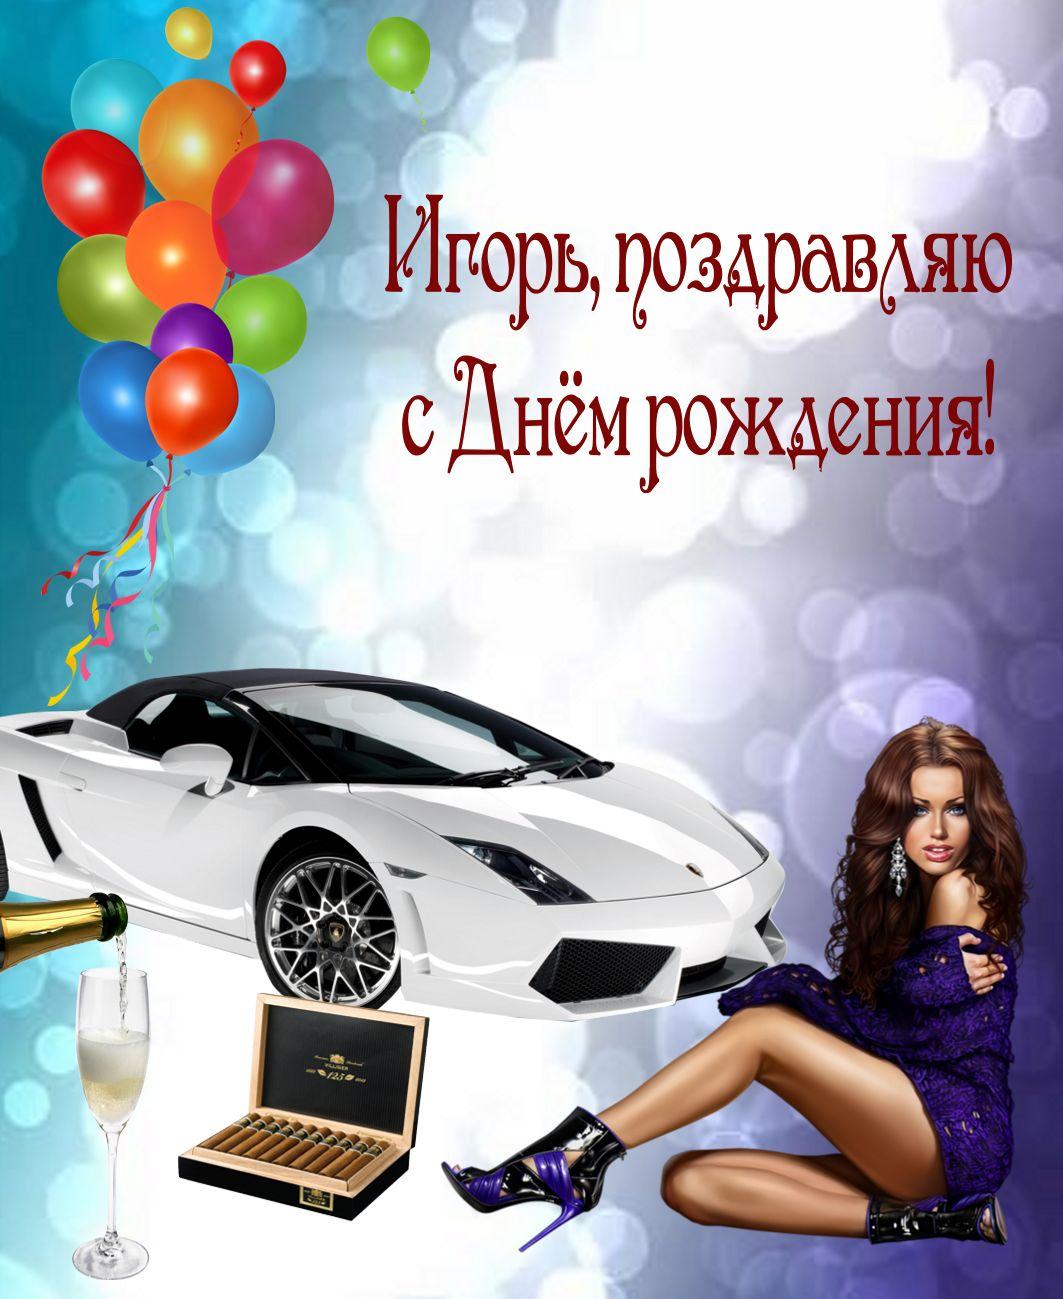 Открытка с днем рождения игоря сергеевича, про жизнь